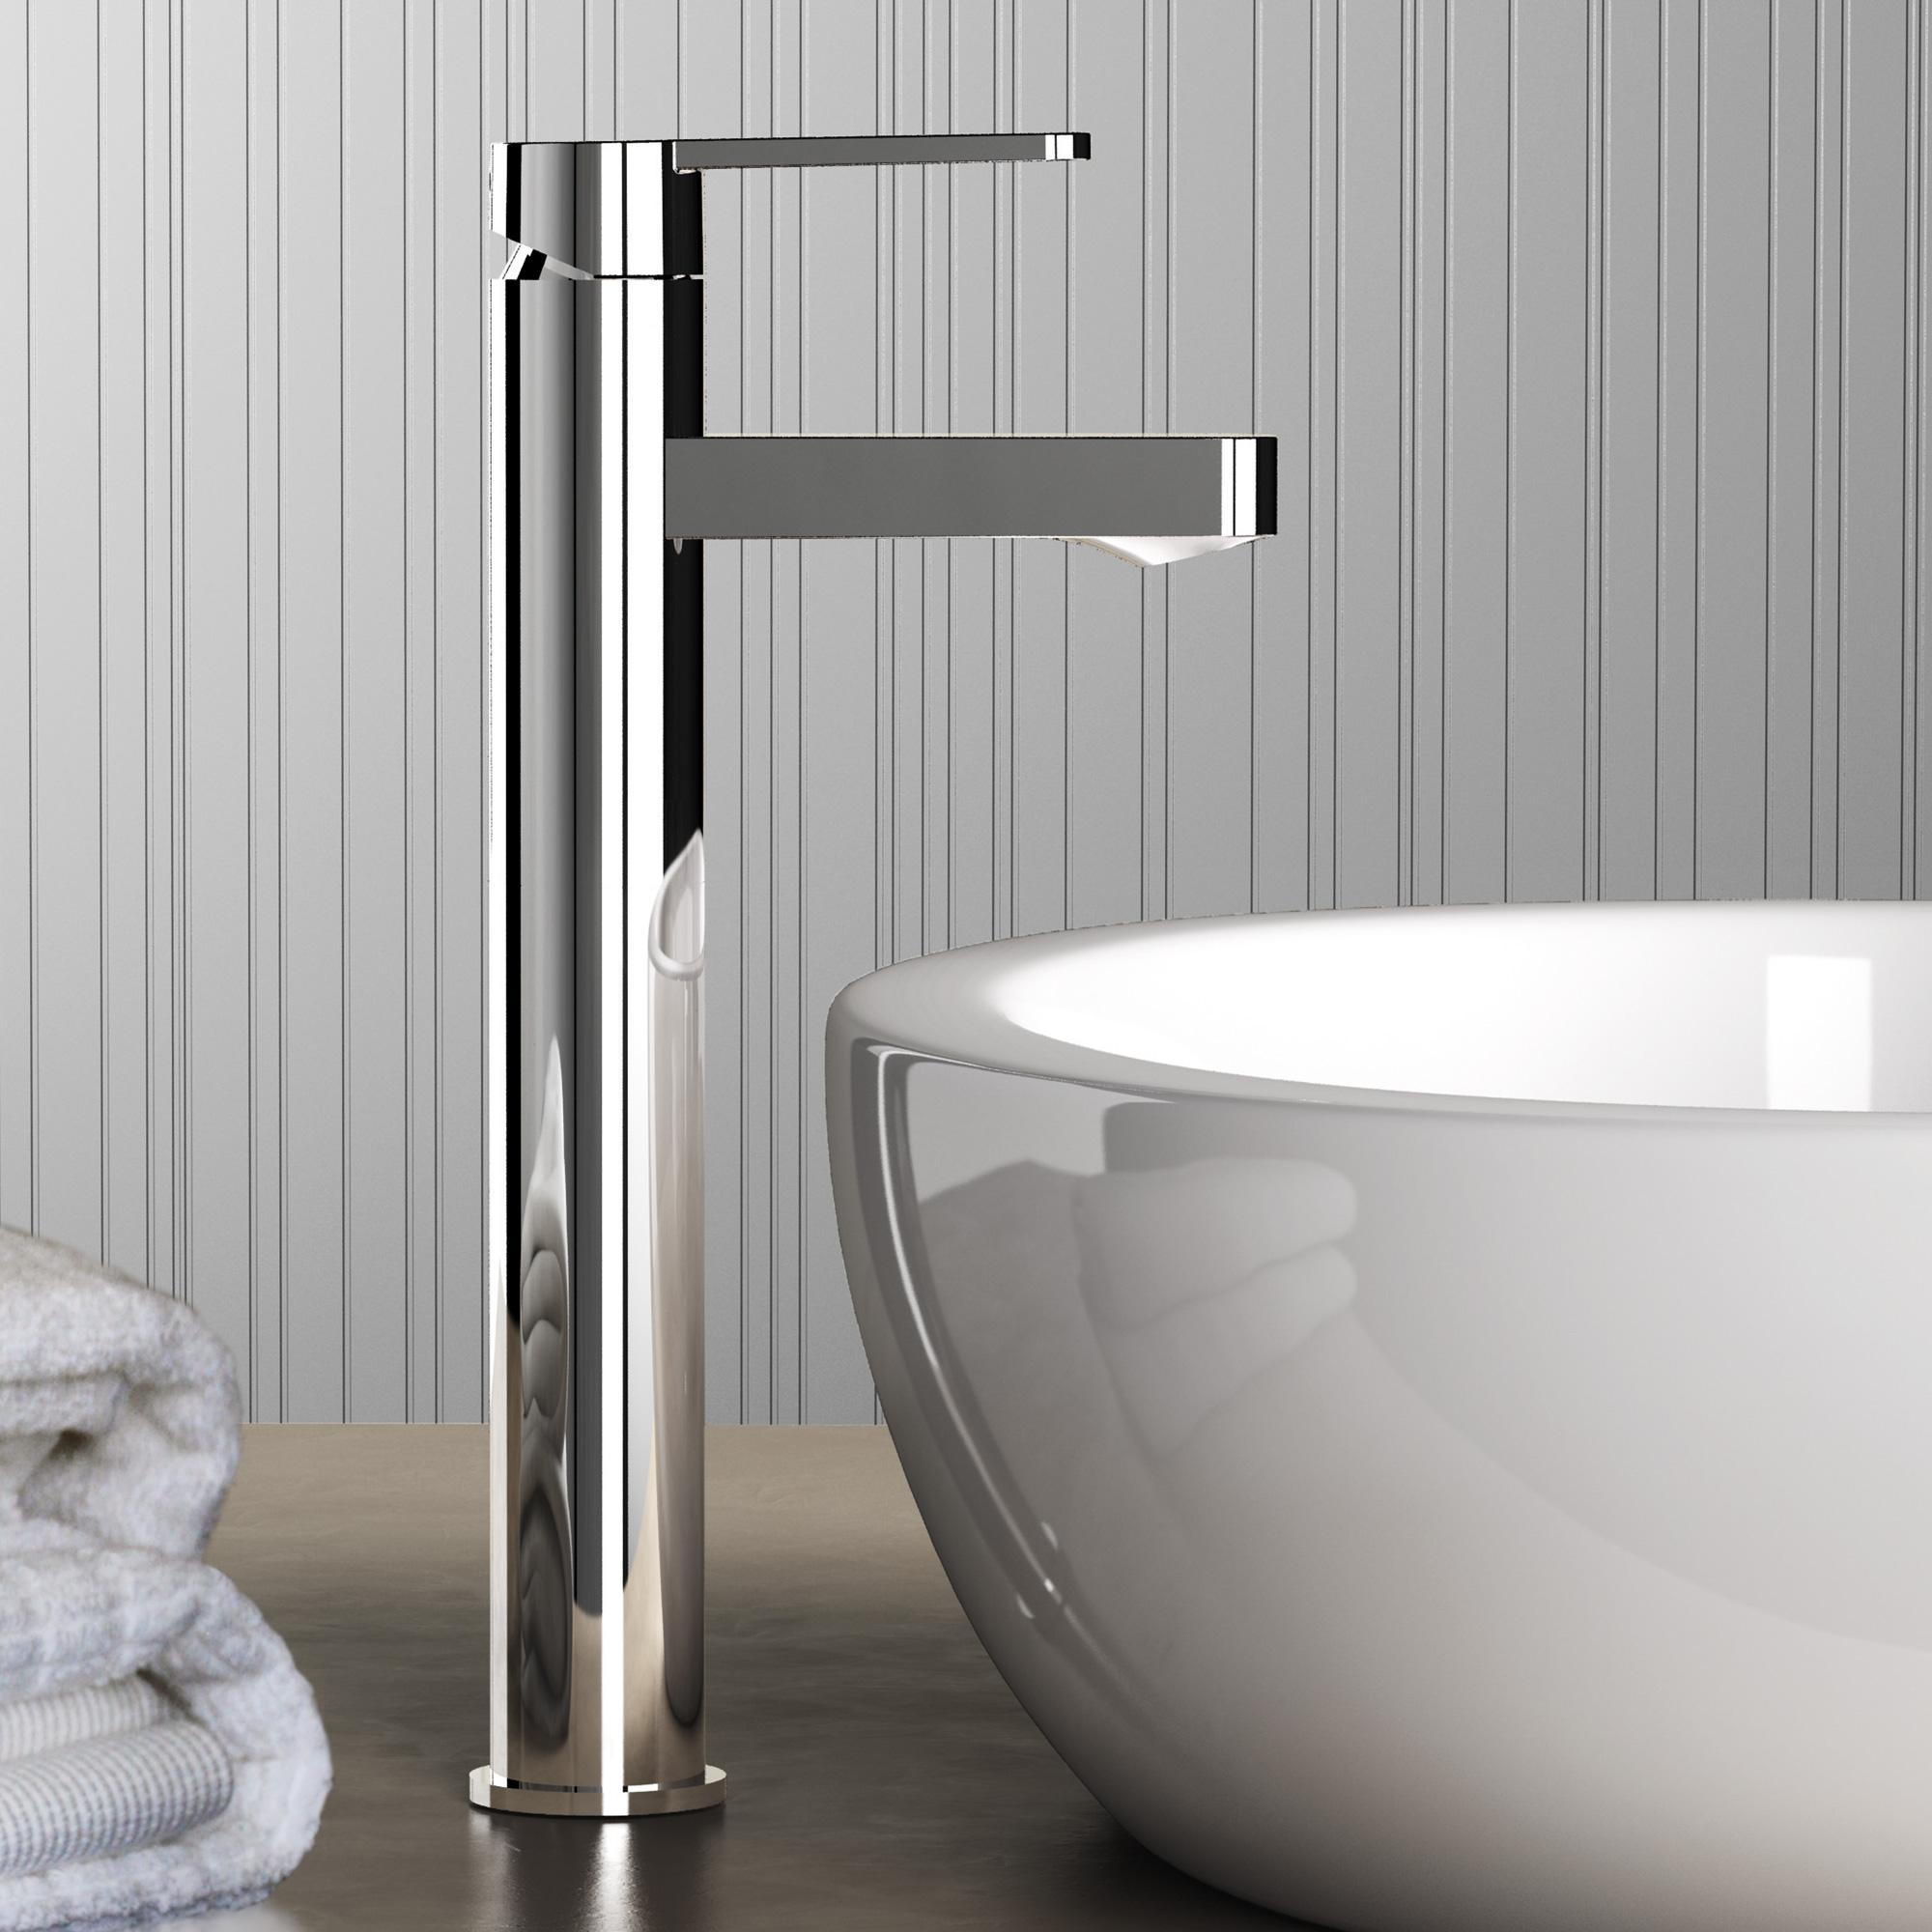 ideal standard gio einhebel waschtischarmatur mit verl ngertem sockel ohne ablaufgarnitur. Black Bedroom Furniture Sets. Home Design Ideas